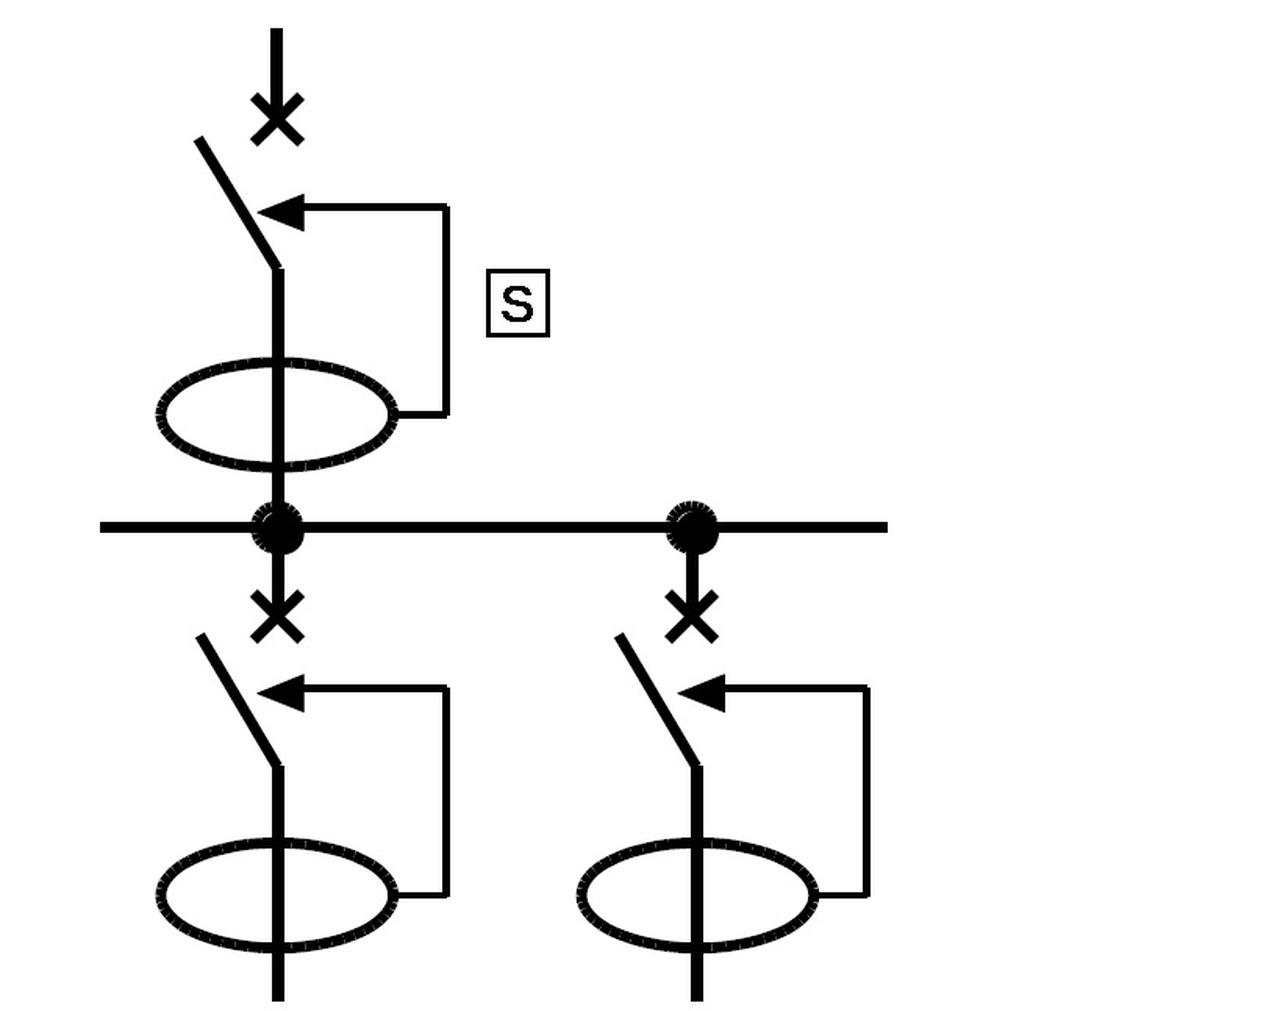 zabezpieczenia różnicoprądowe połączone szeregowo rys 3